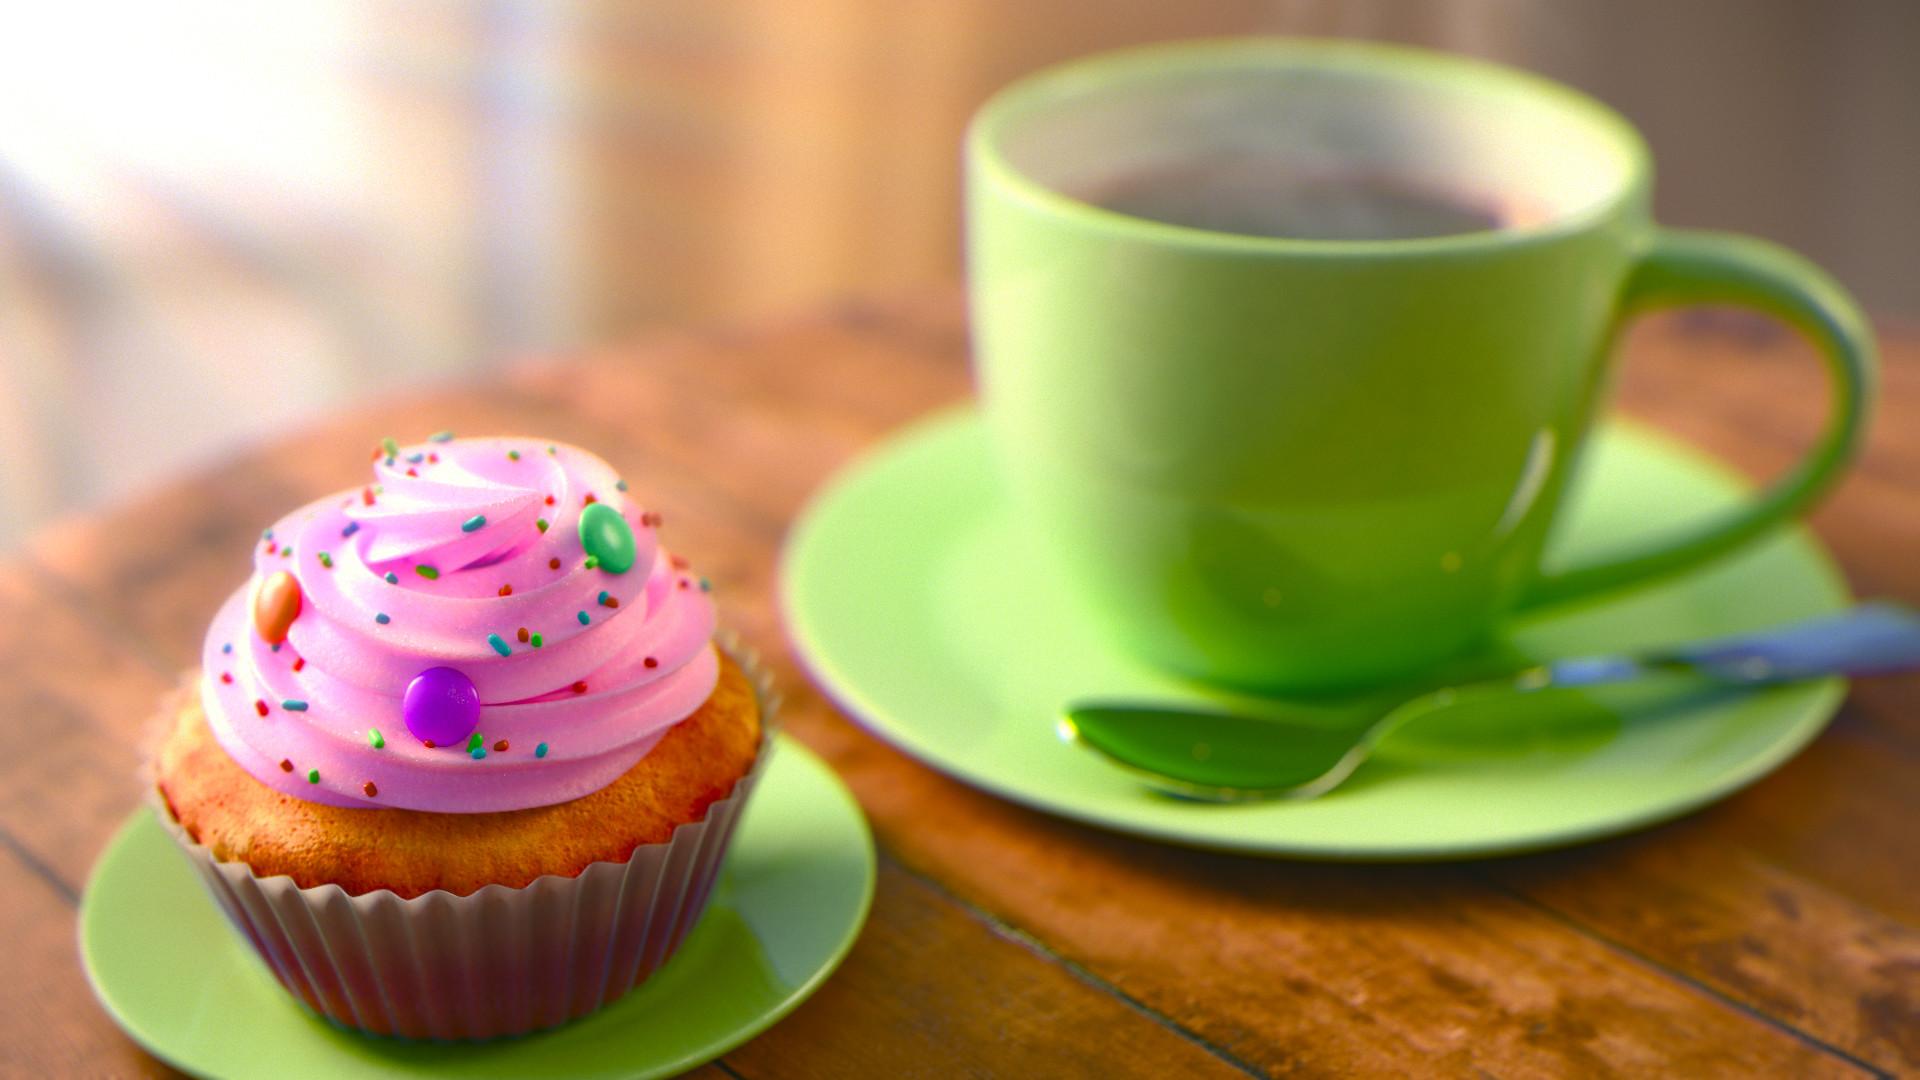 Картинка кофе и пироженки